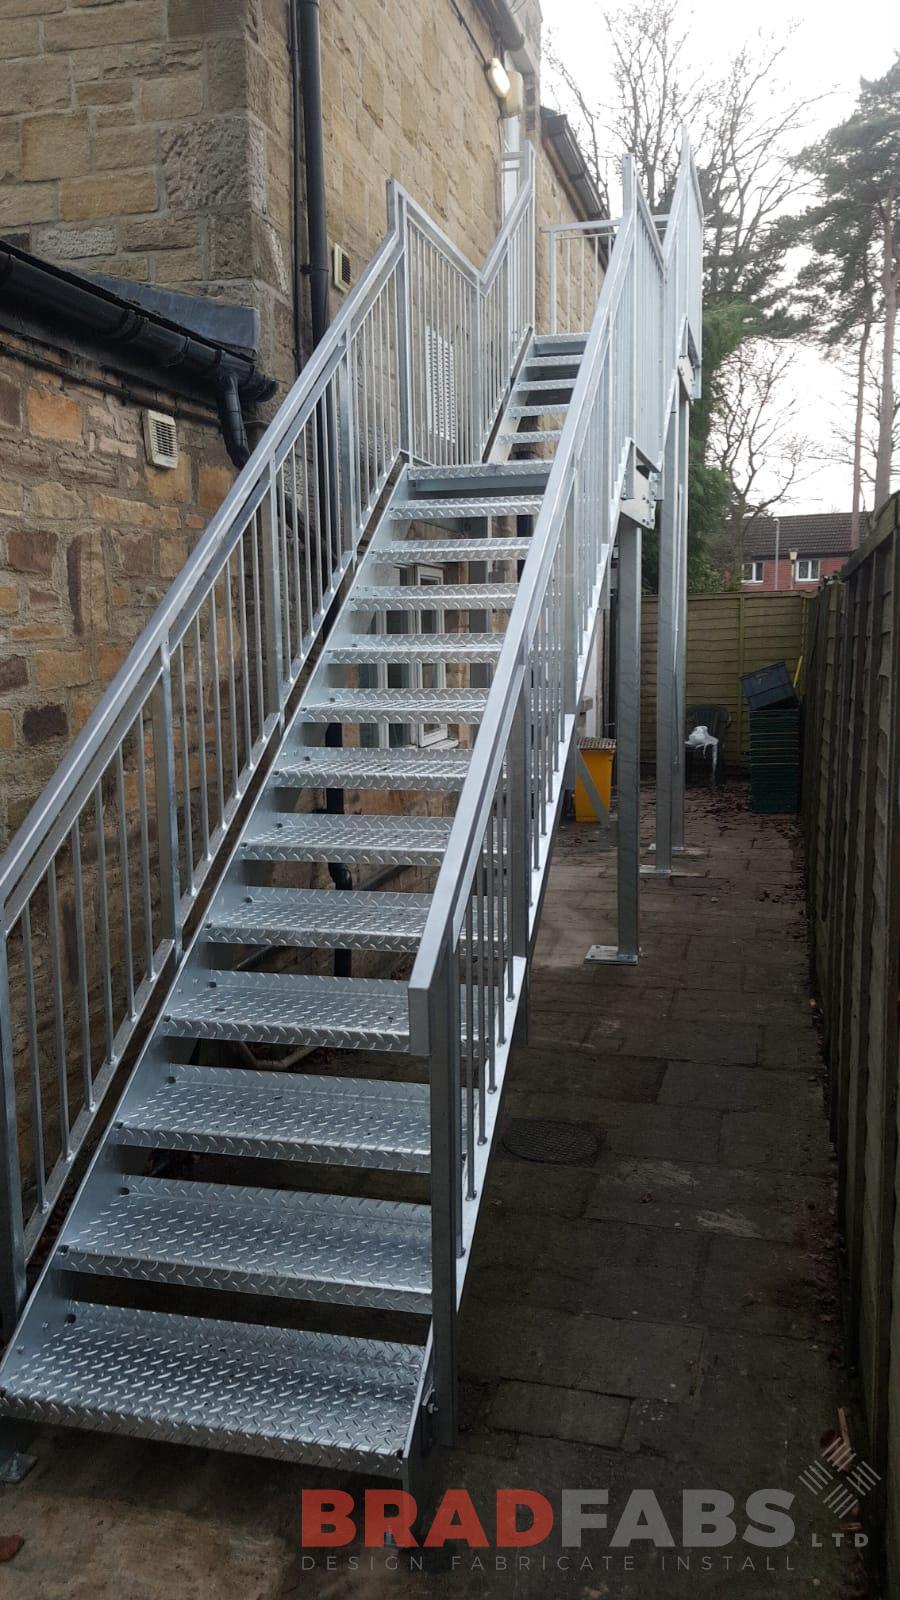 Steel Fabricators Of Balconies Staircases Steel